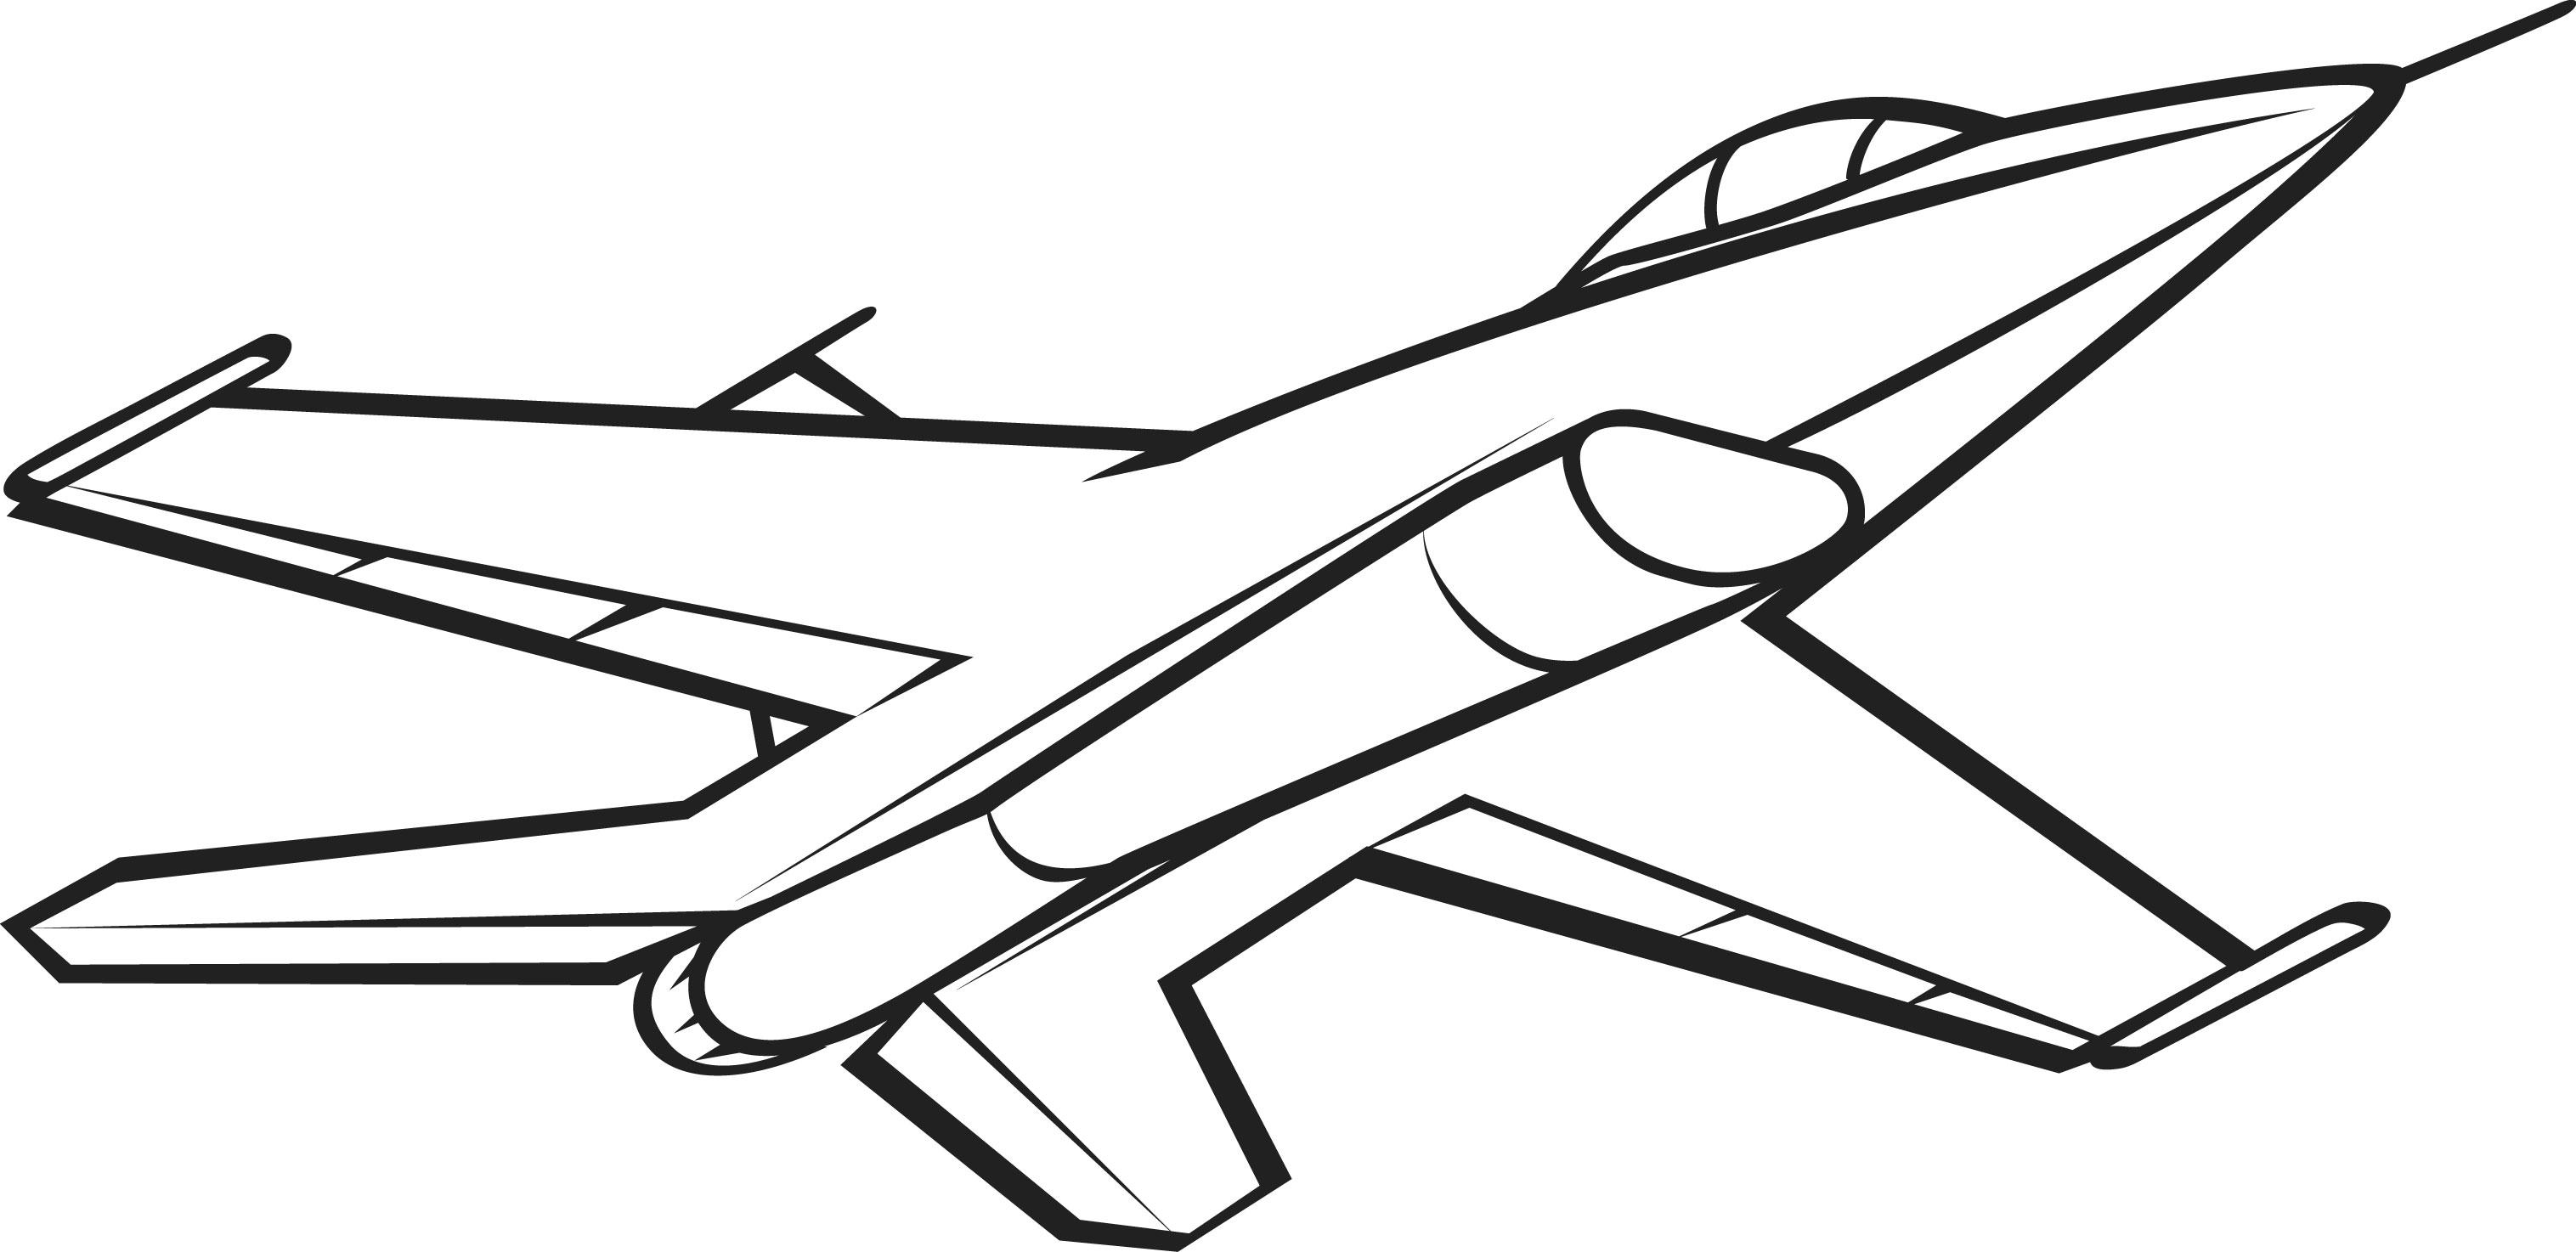 3032x1474 Airplane Clipart Drawn